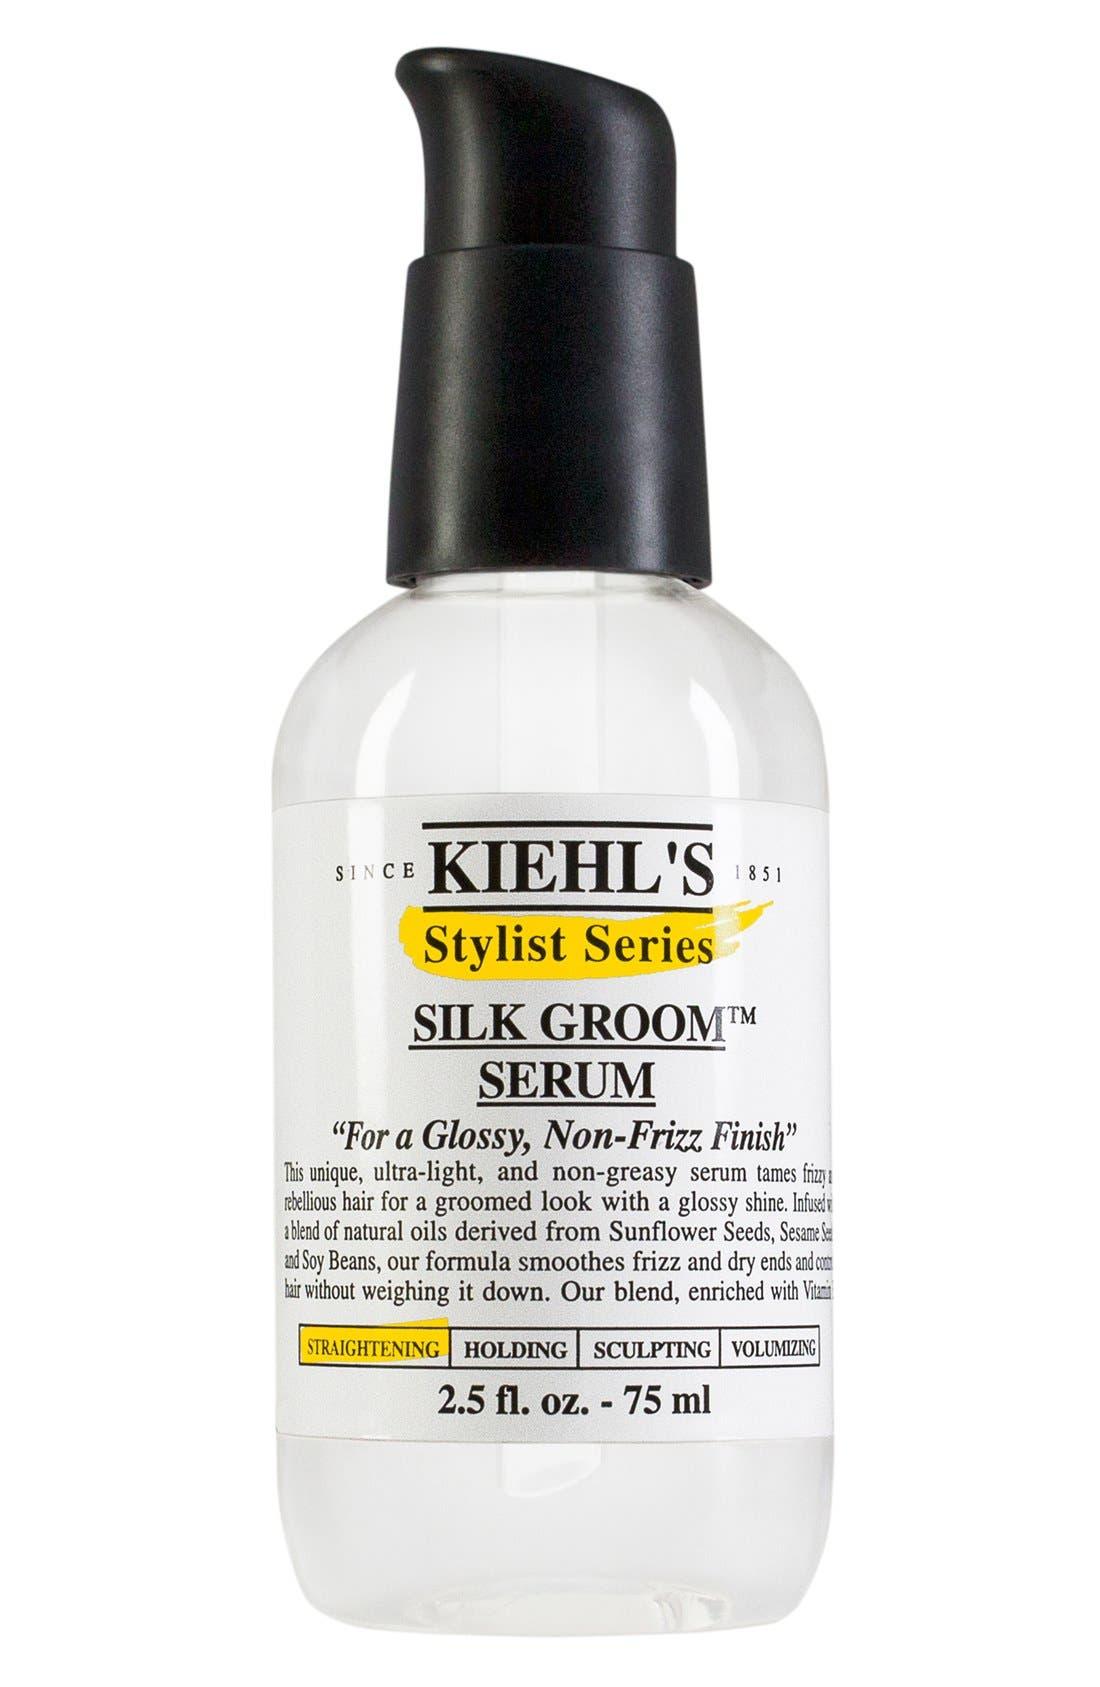 1851 Silk Groom Hair Serum